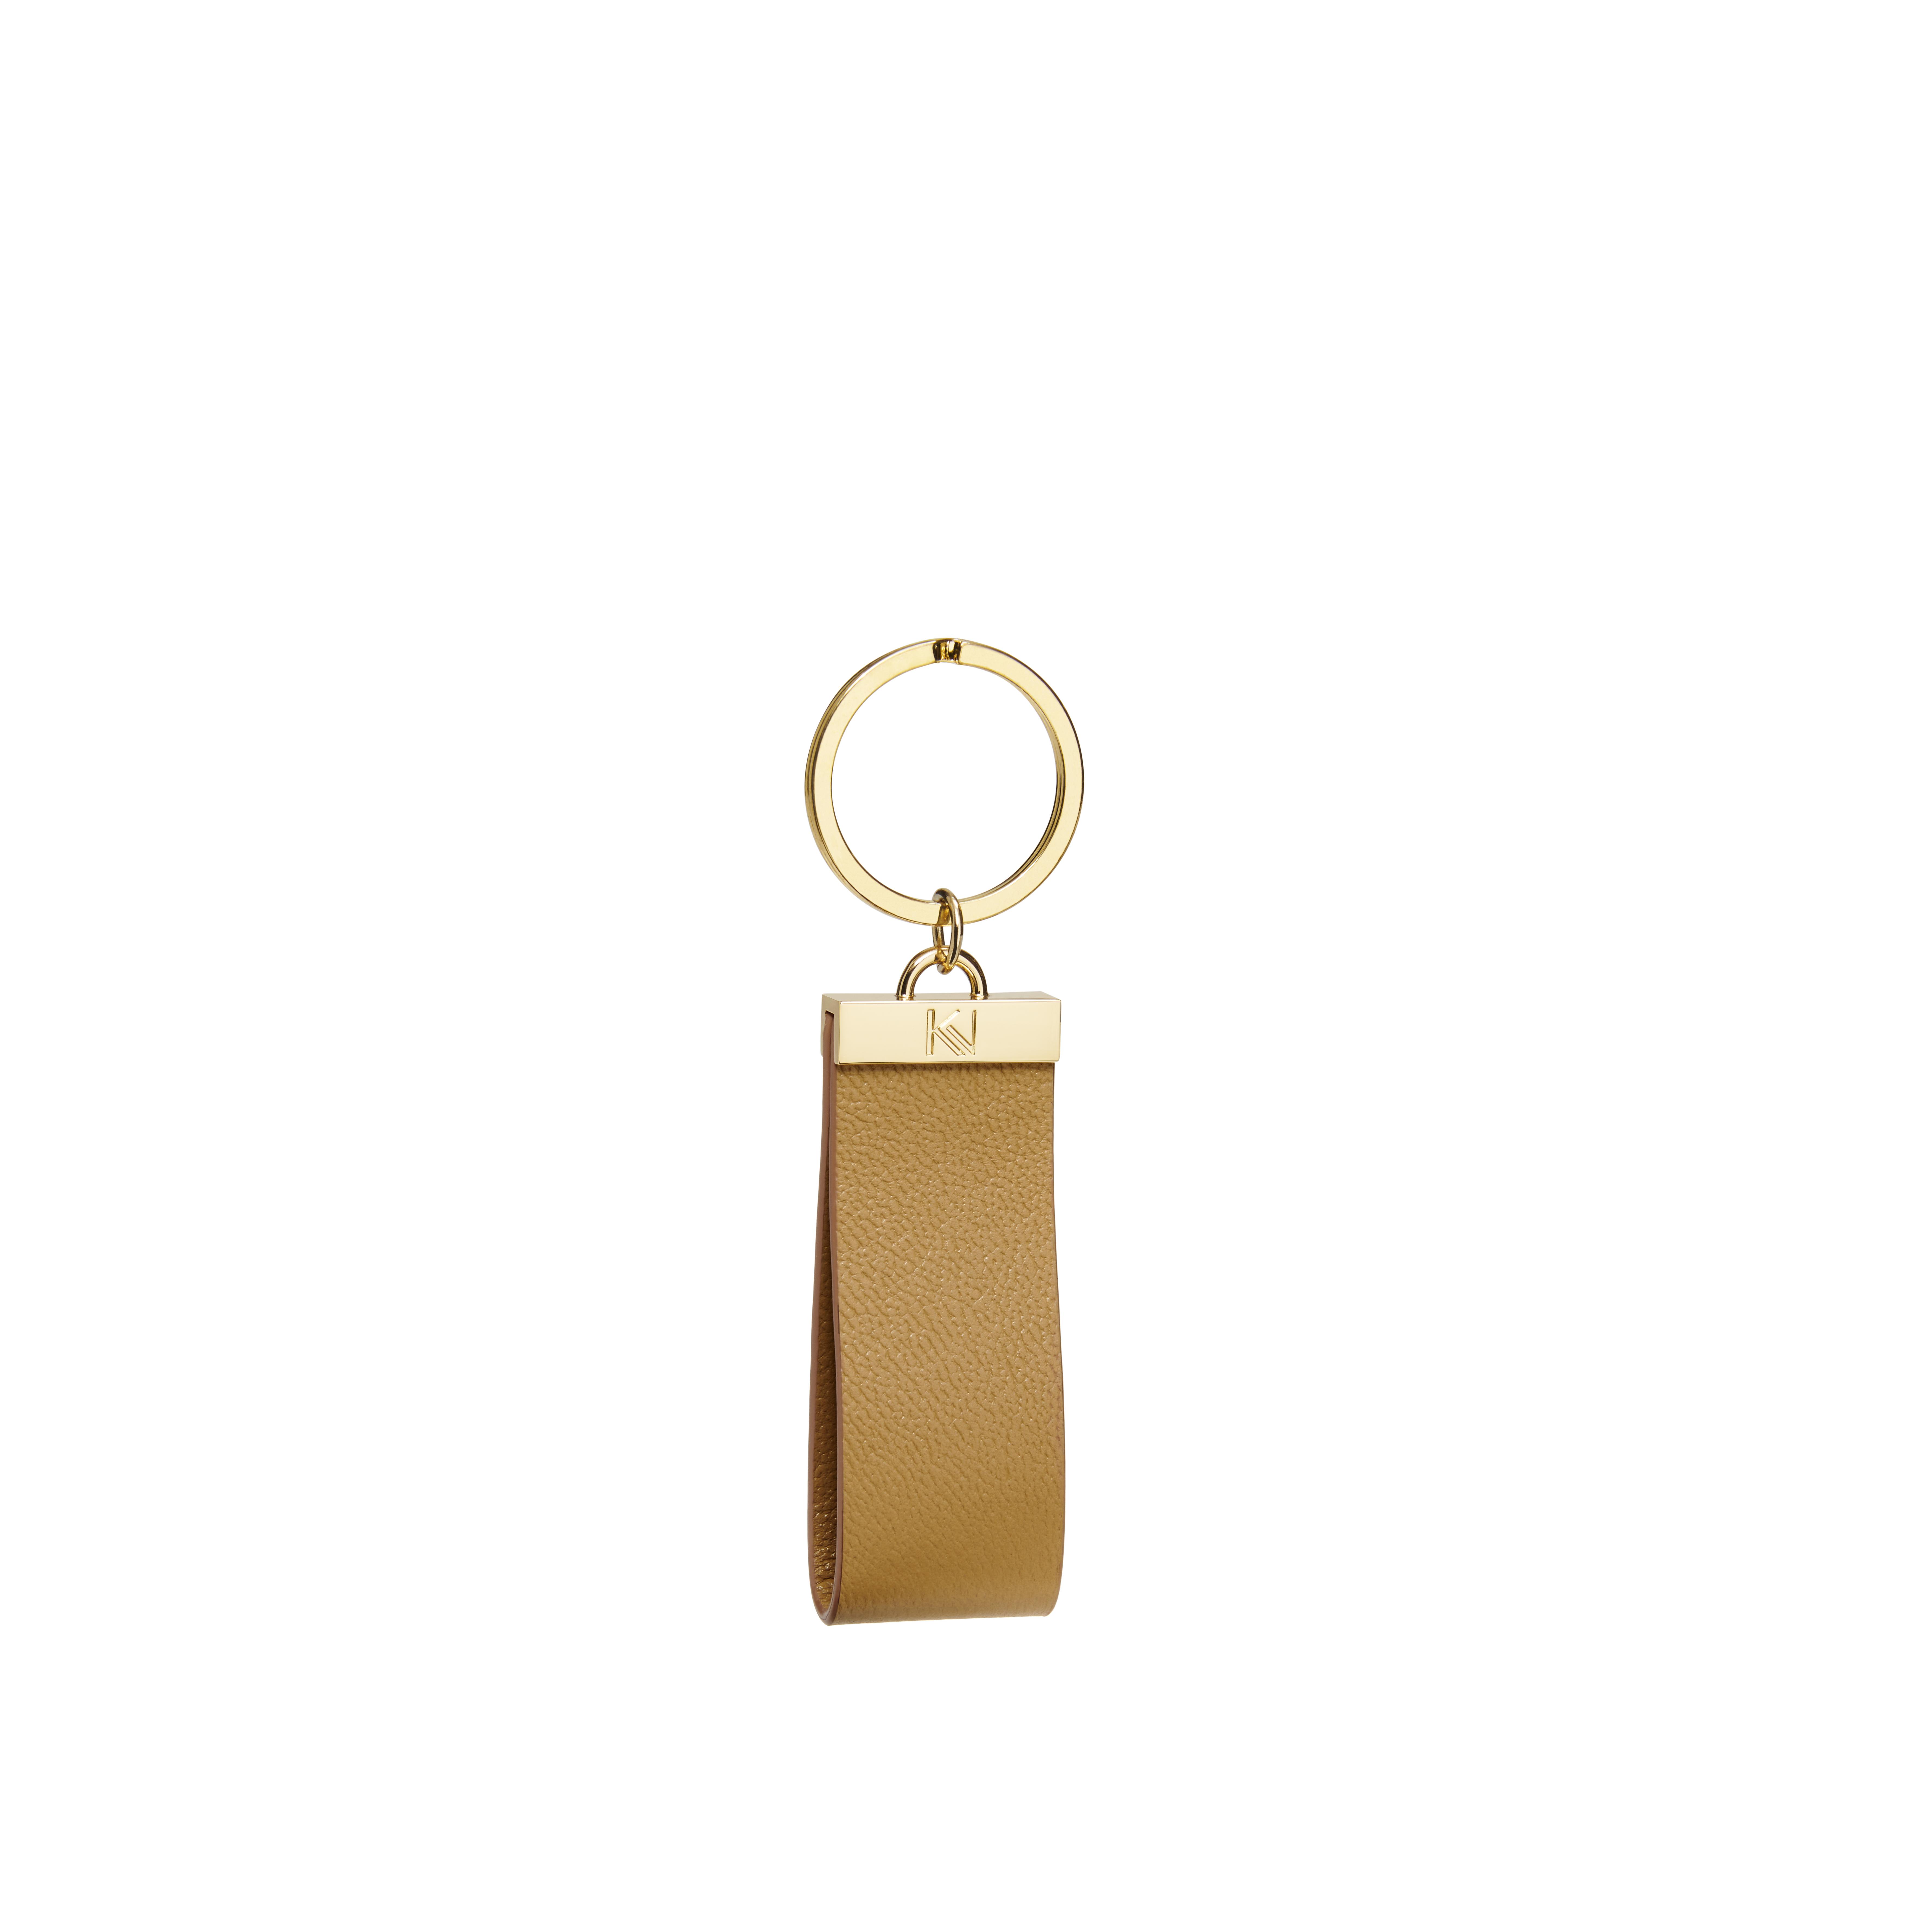 porte-clés-cuir-noisette-gold-ingénieux-karenvogt-1